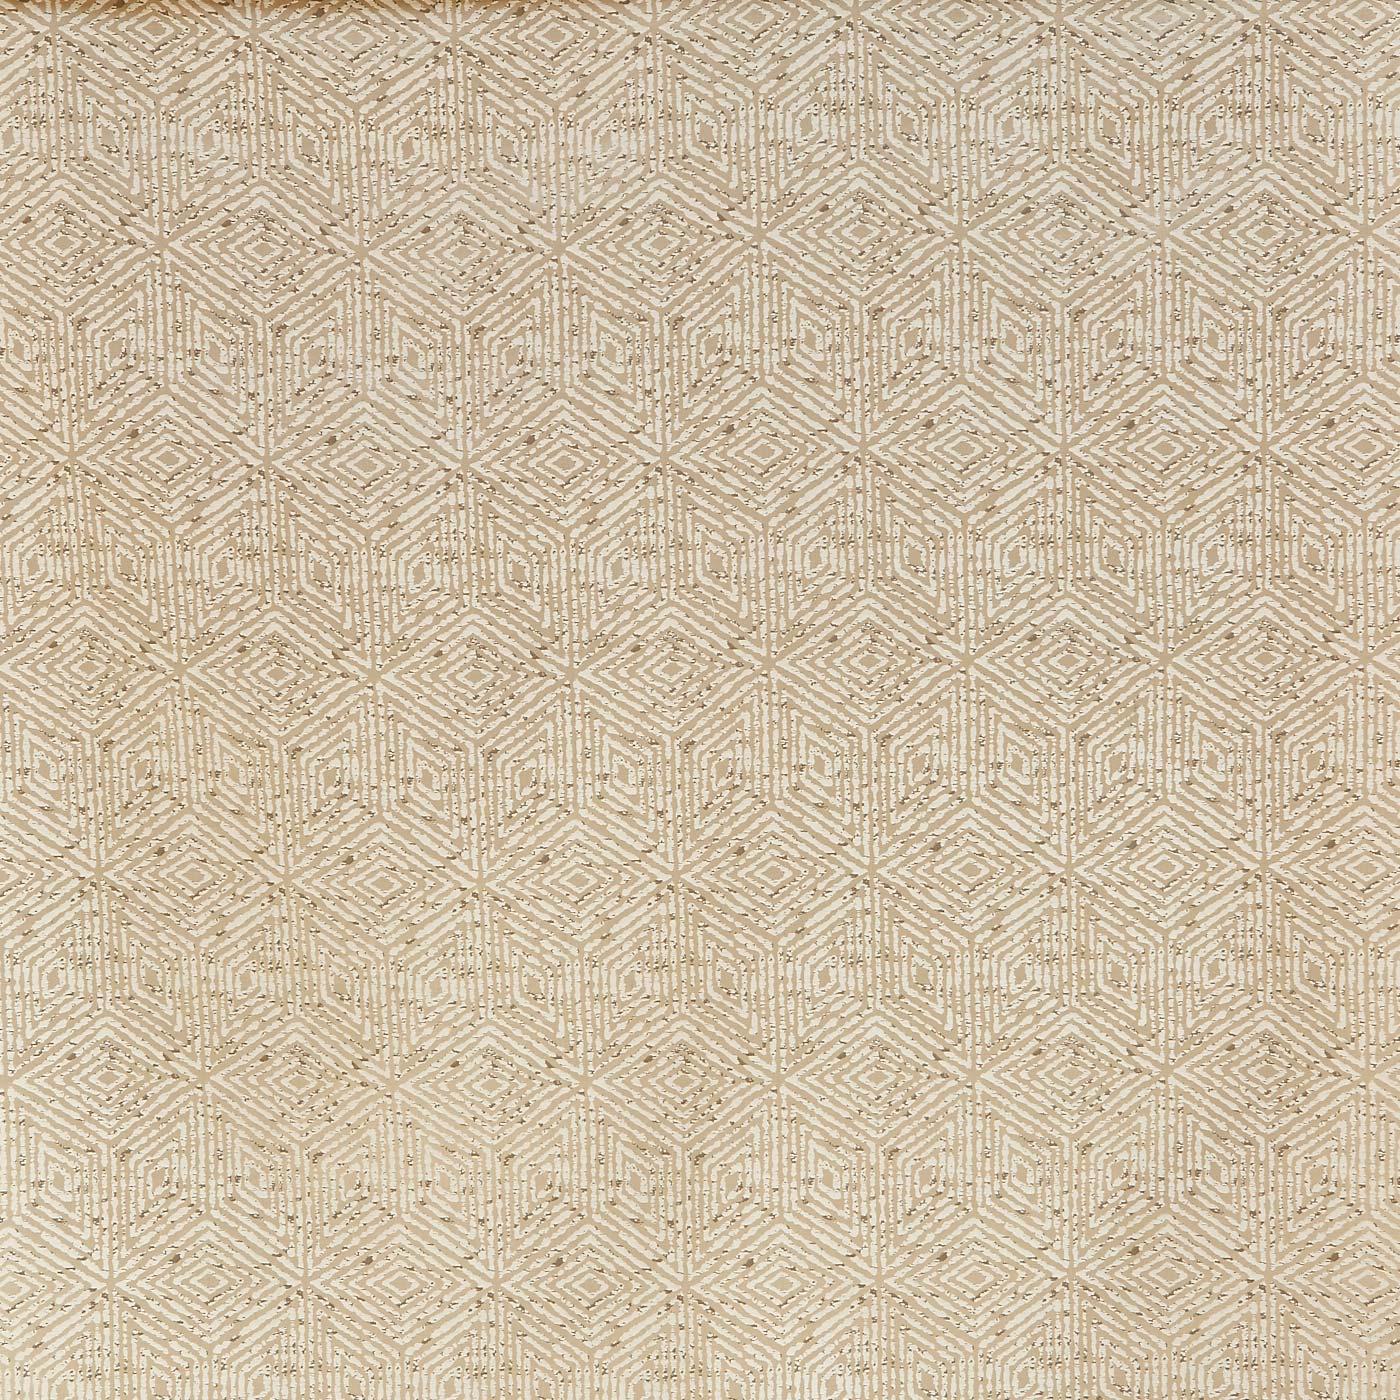 Nile Sandstone